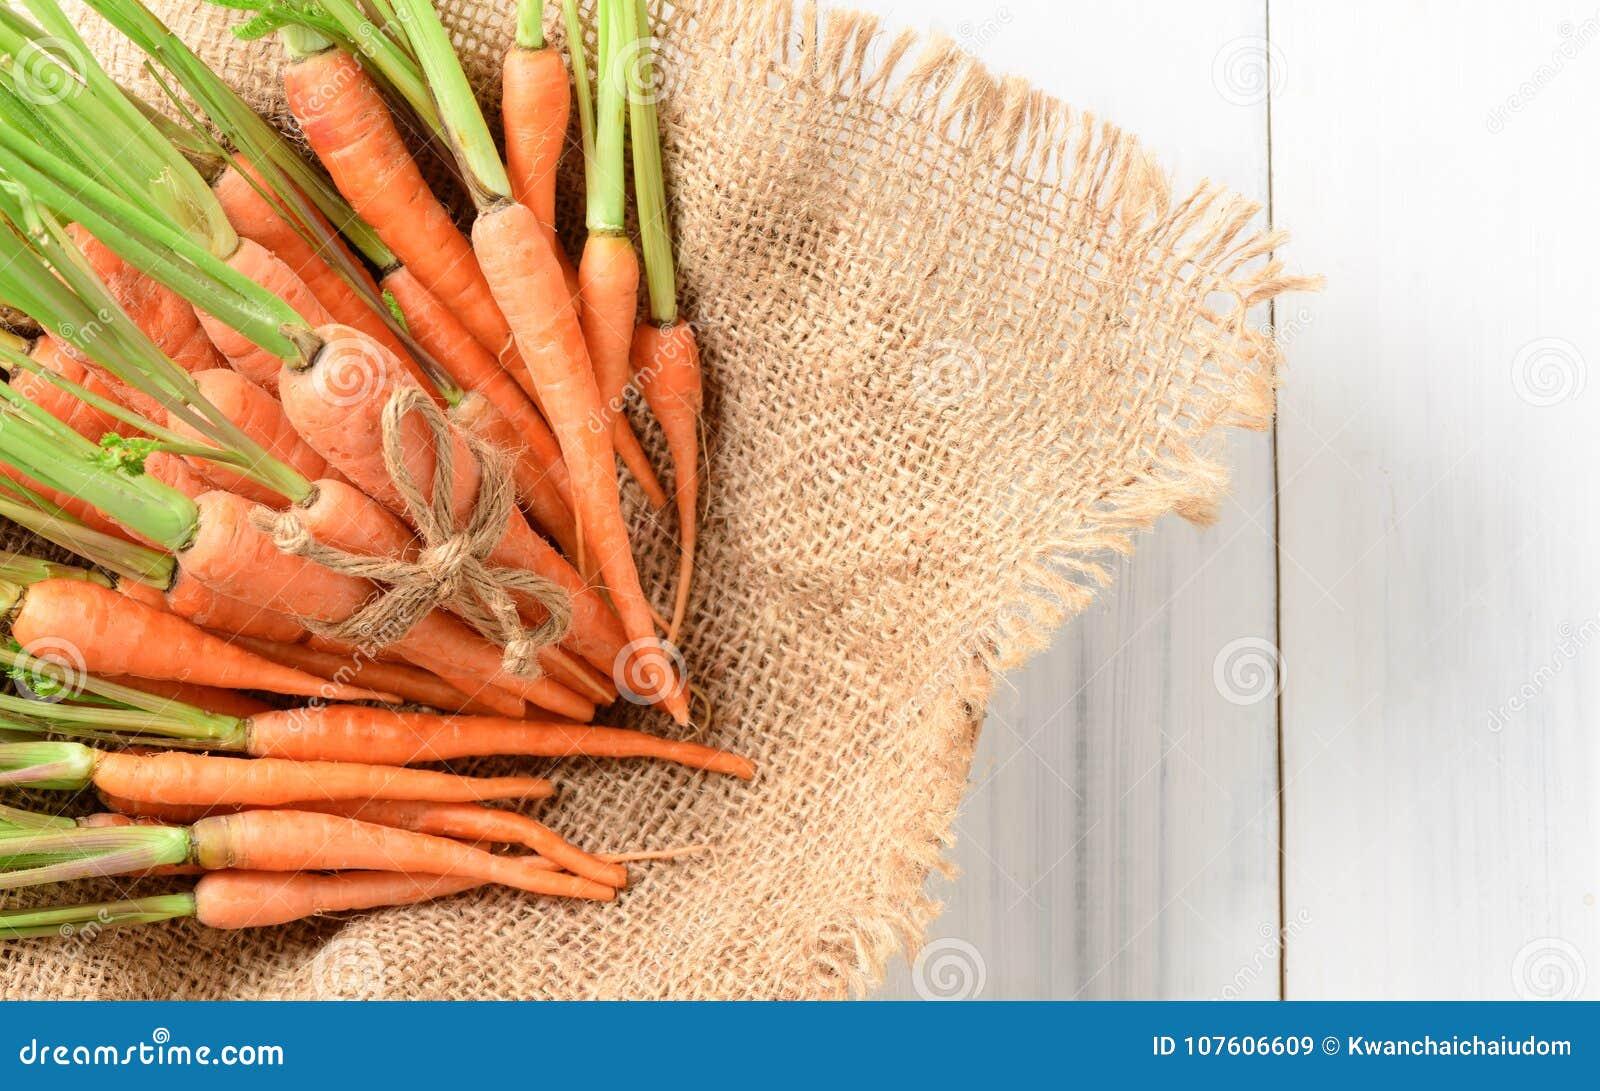 Φρέσκο καρότο, καρότο μωρών στο σάκο και άσπρο ξύλο